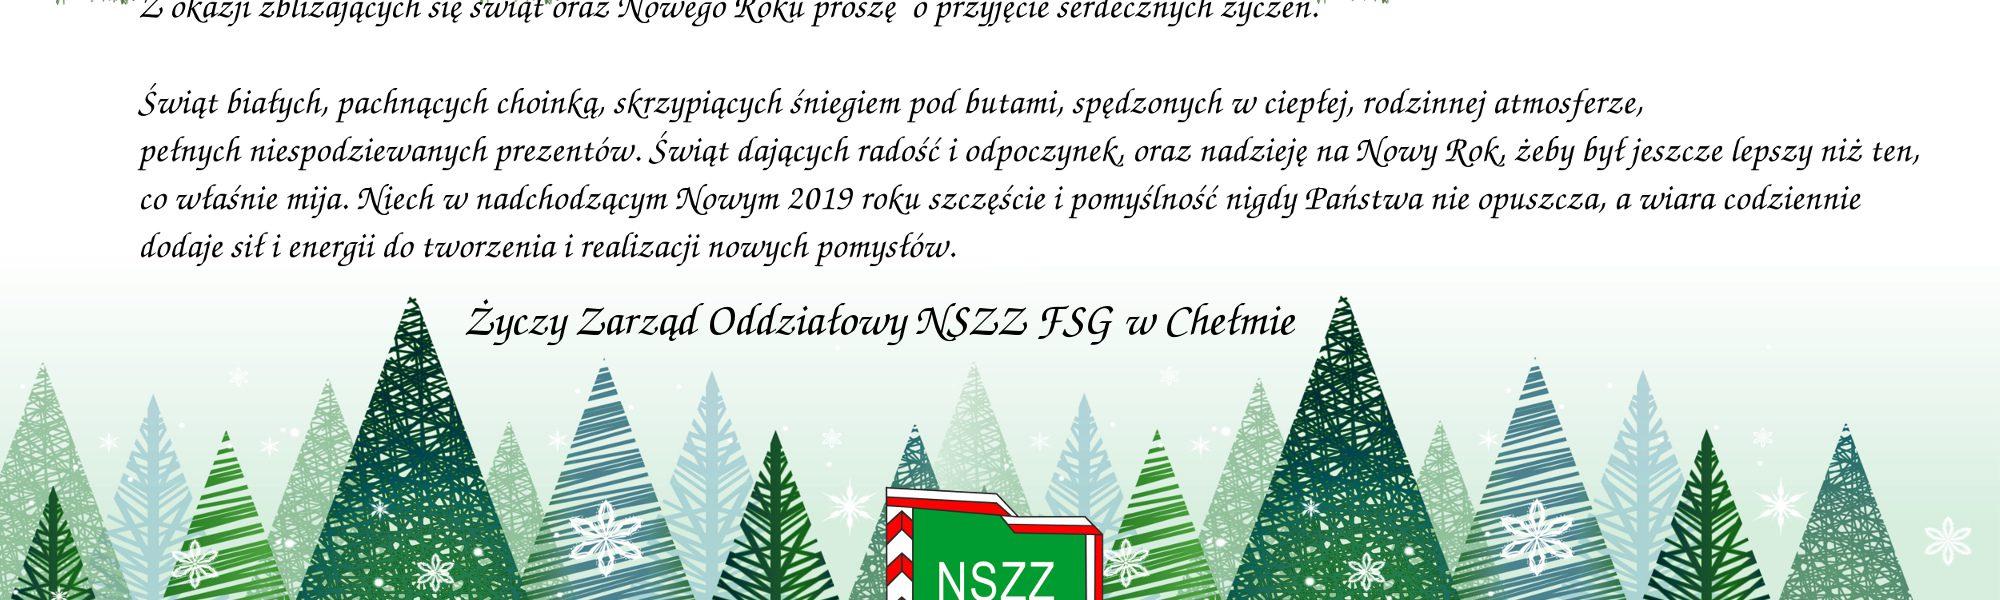 Życzenia z okazji Święta Bożego Narodzenia oraz Nowego Roku